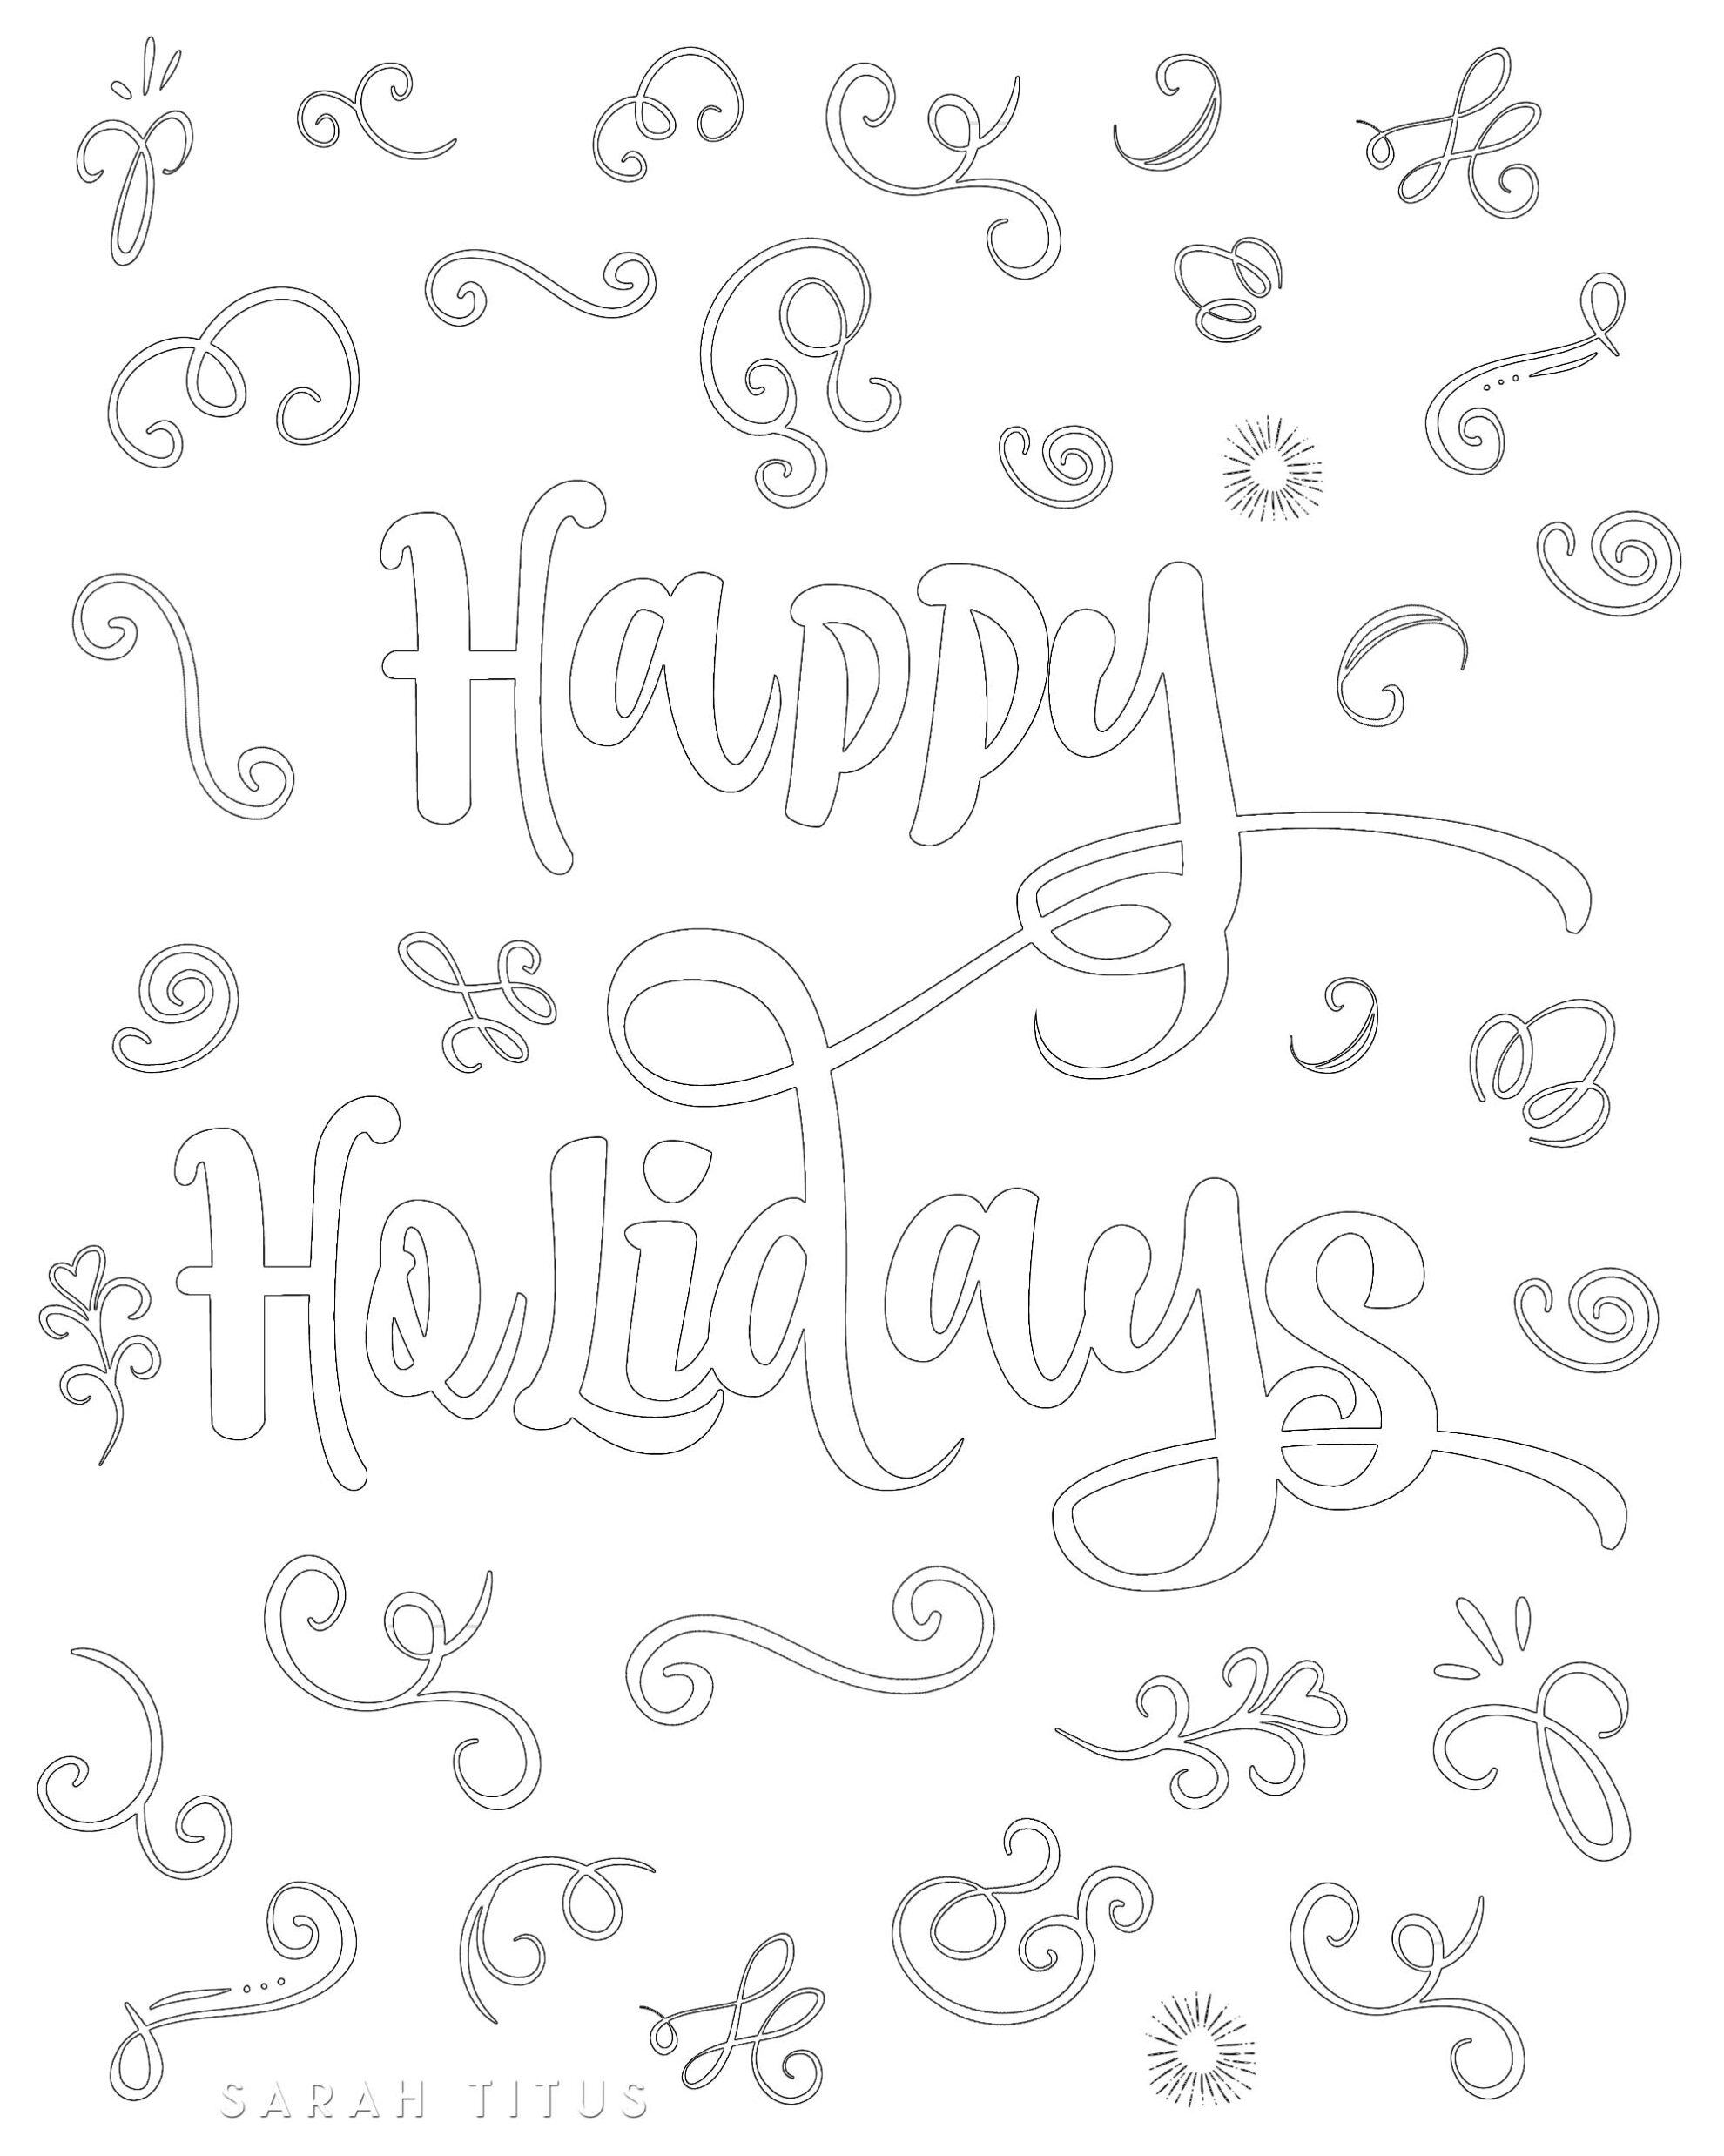 Free Printable Christmas Coloring Sheets - Sarah Titus